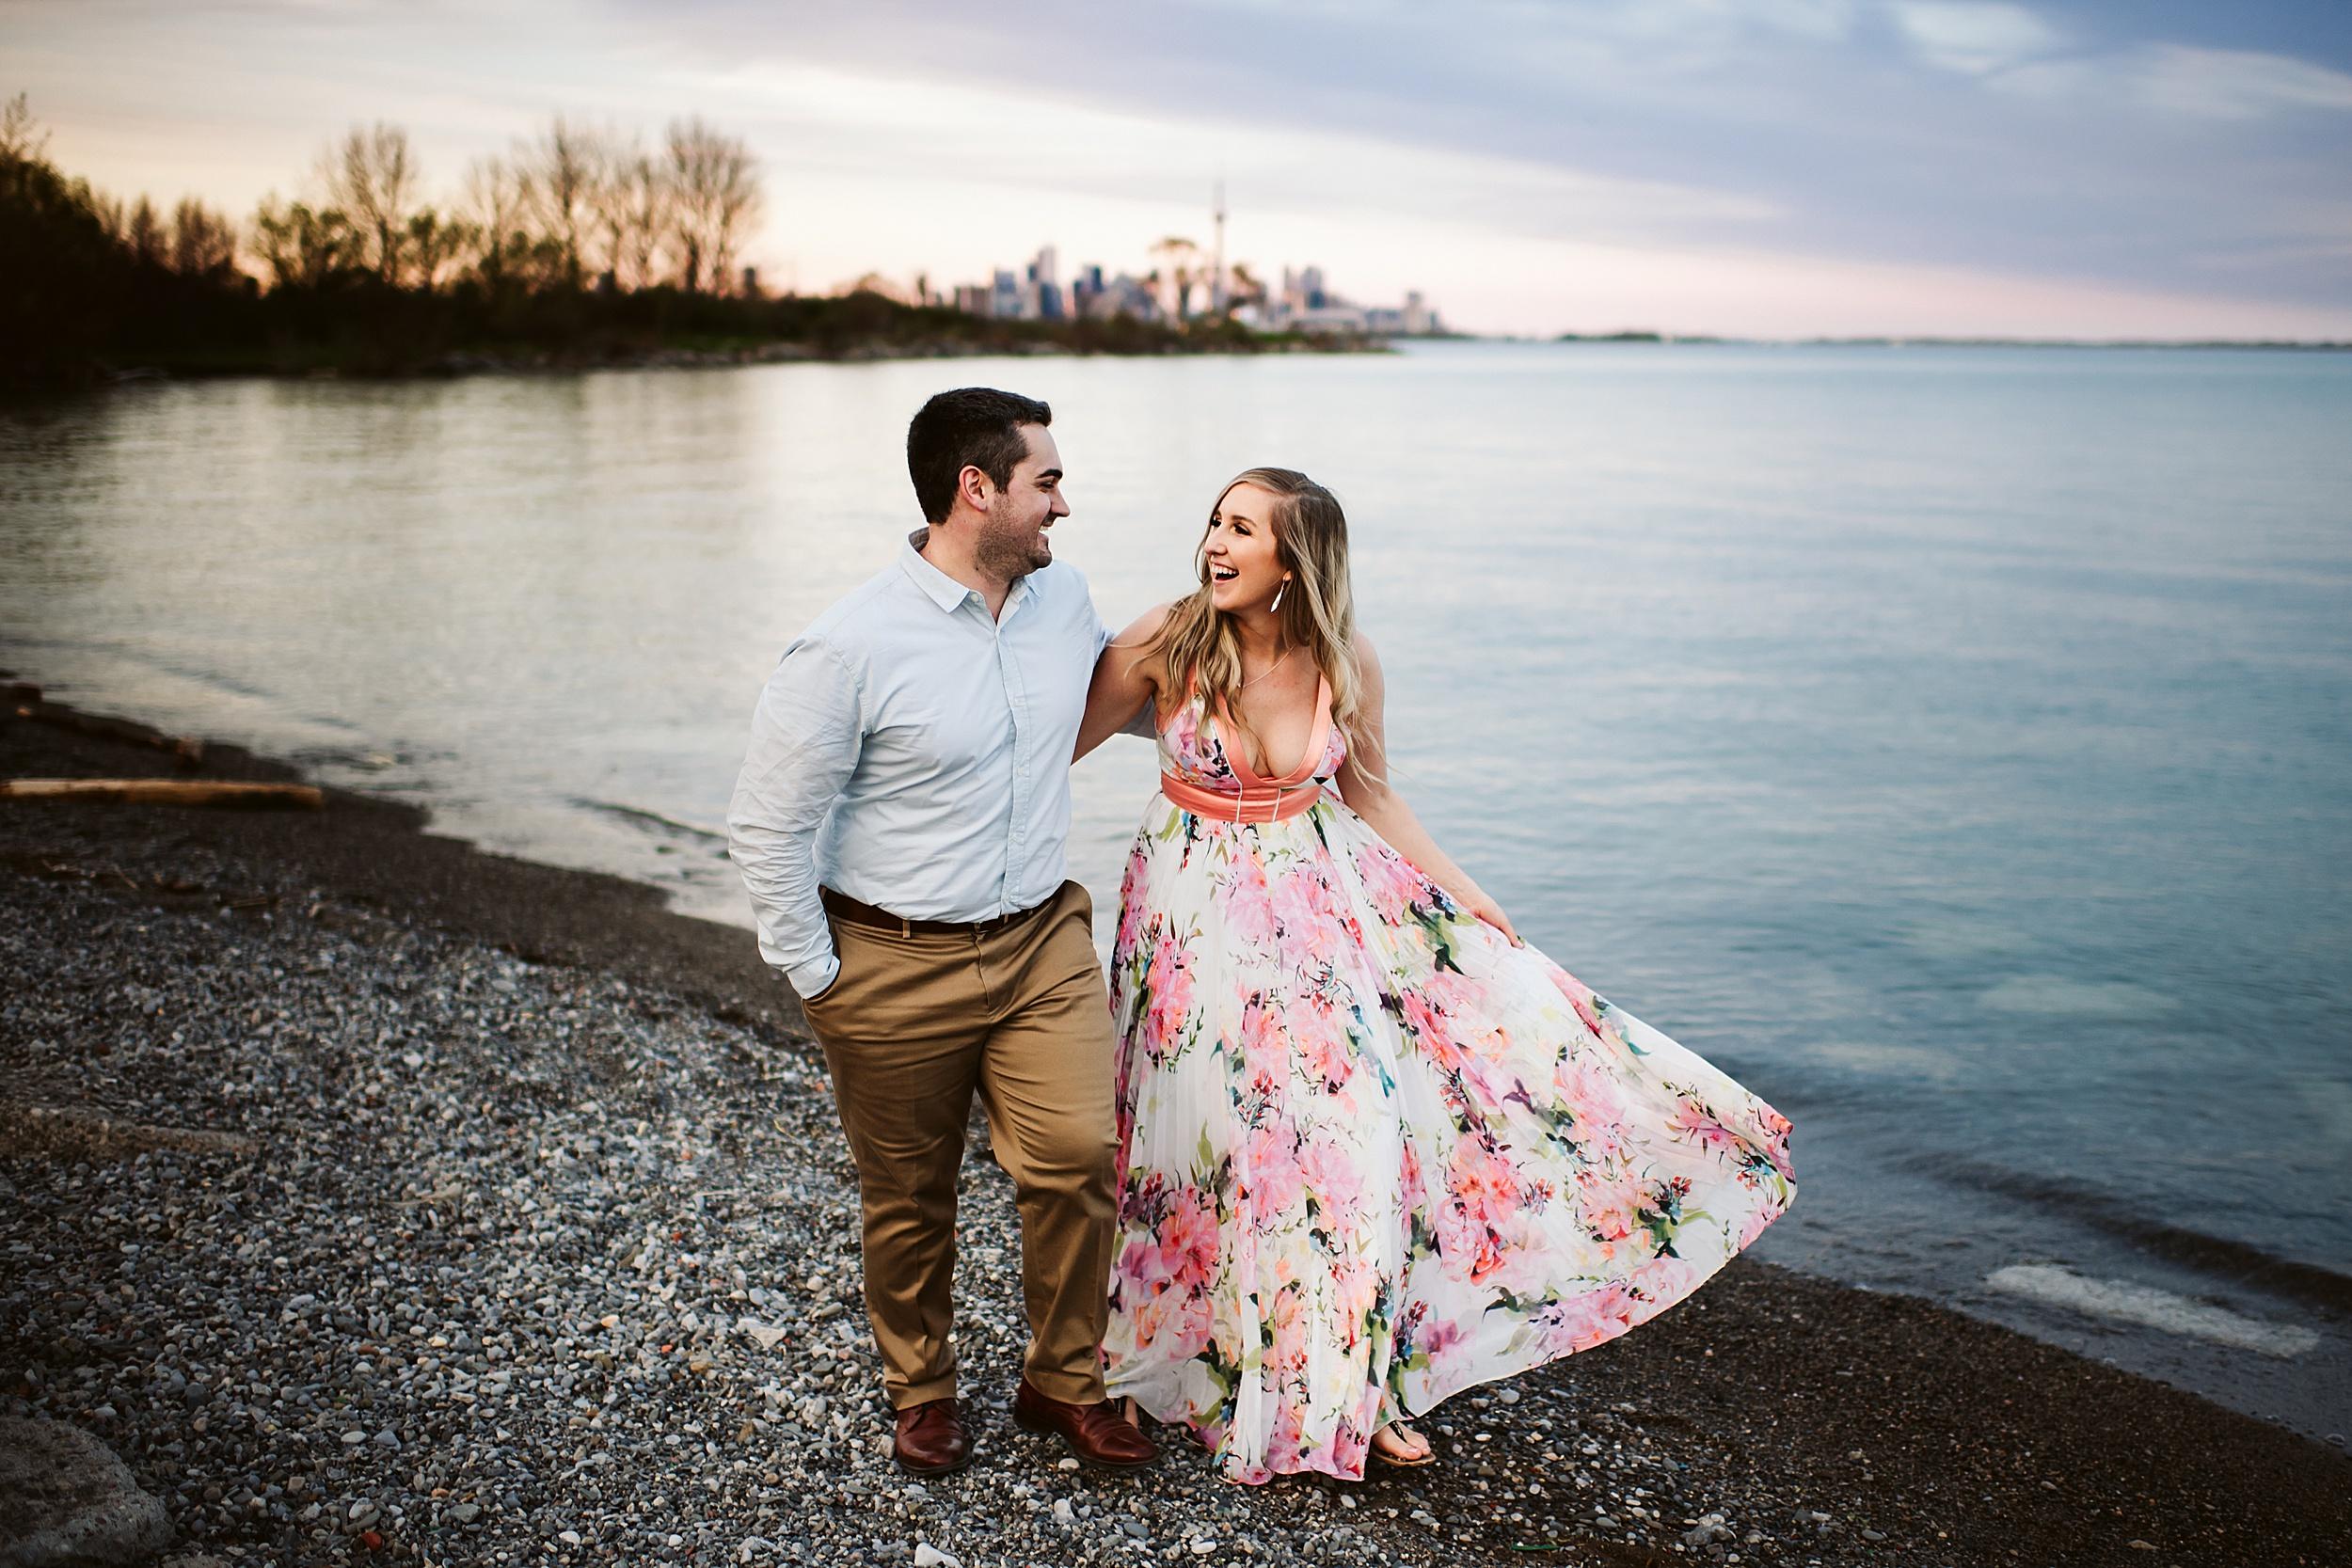 Toronto_Wedding_Photographers_Humber_Bay_Engagement_Shoot_Etobicoke_0029.jpg